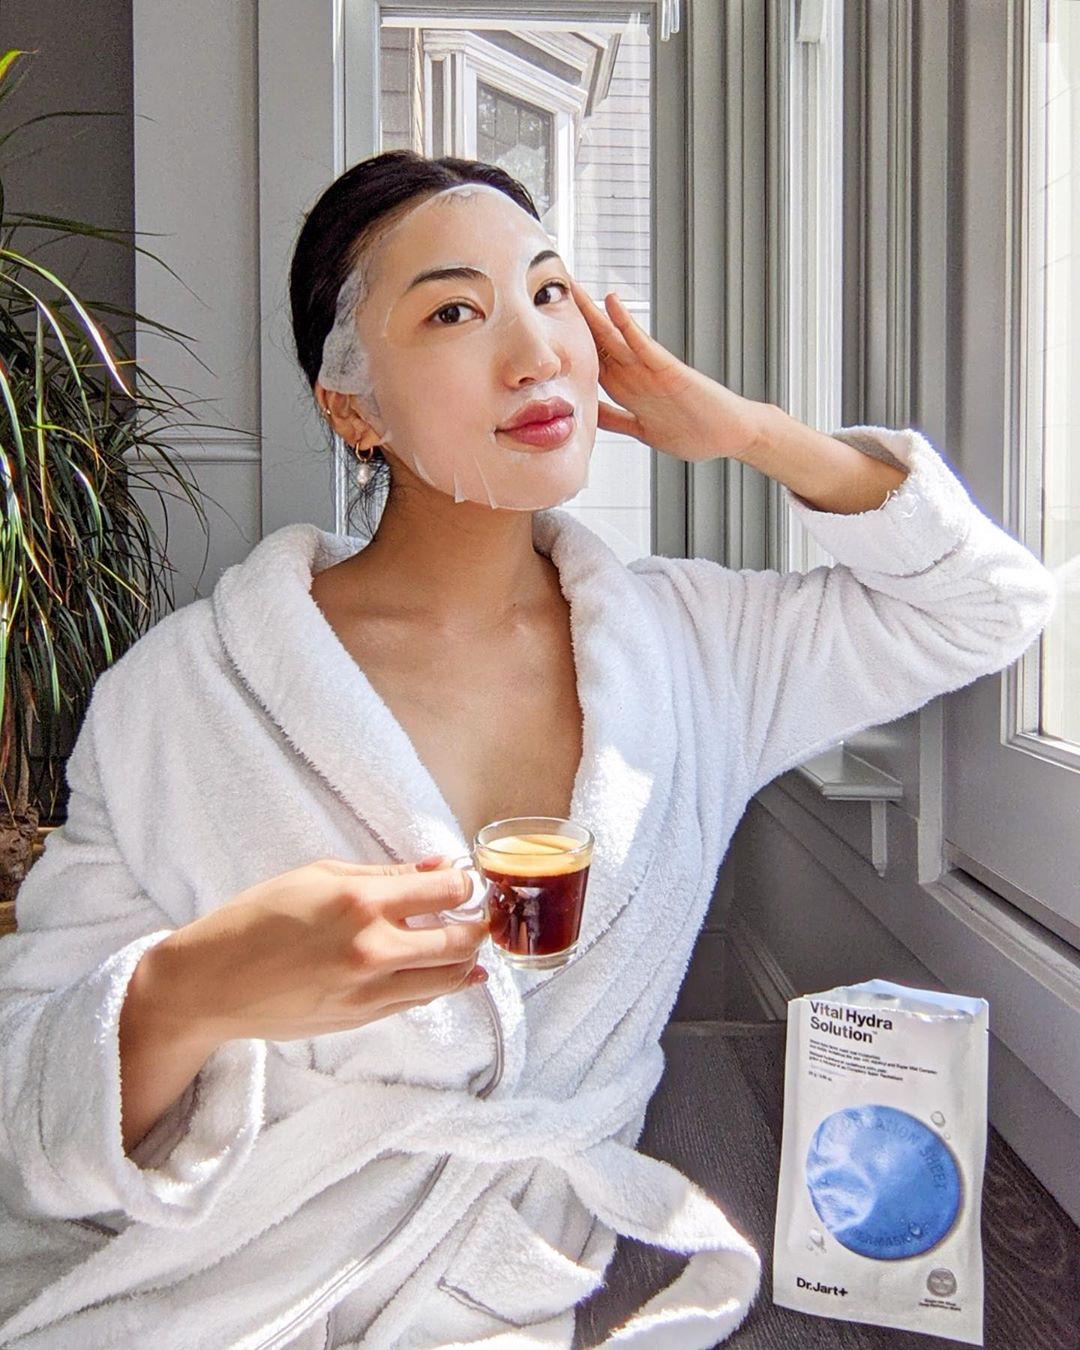 Gái Hàn Nhật có 2 tuyệt kỹ dưỡng ẩm - chống nắng tối quan trọng để da dẻ luôn mướt mát, xóa mờ sự xuất hiện của nếp nhăn - Ảnh 5.